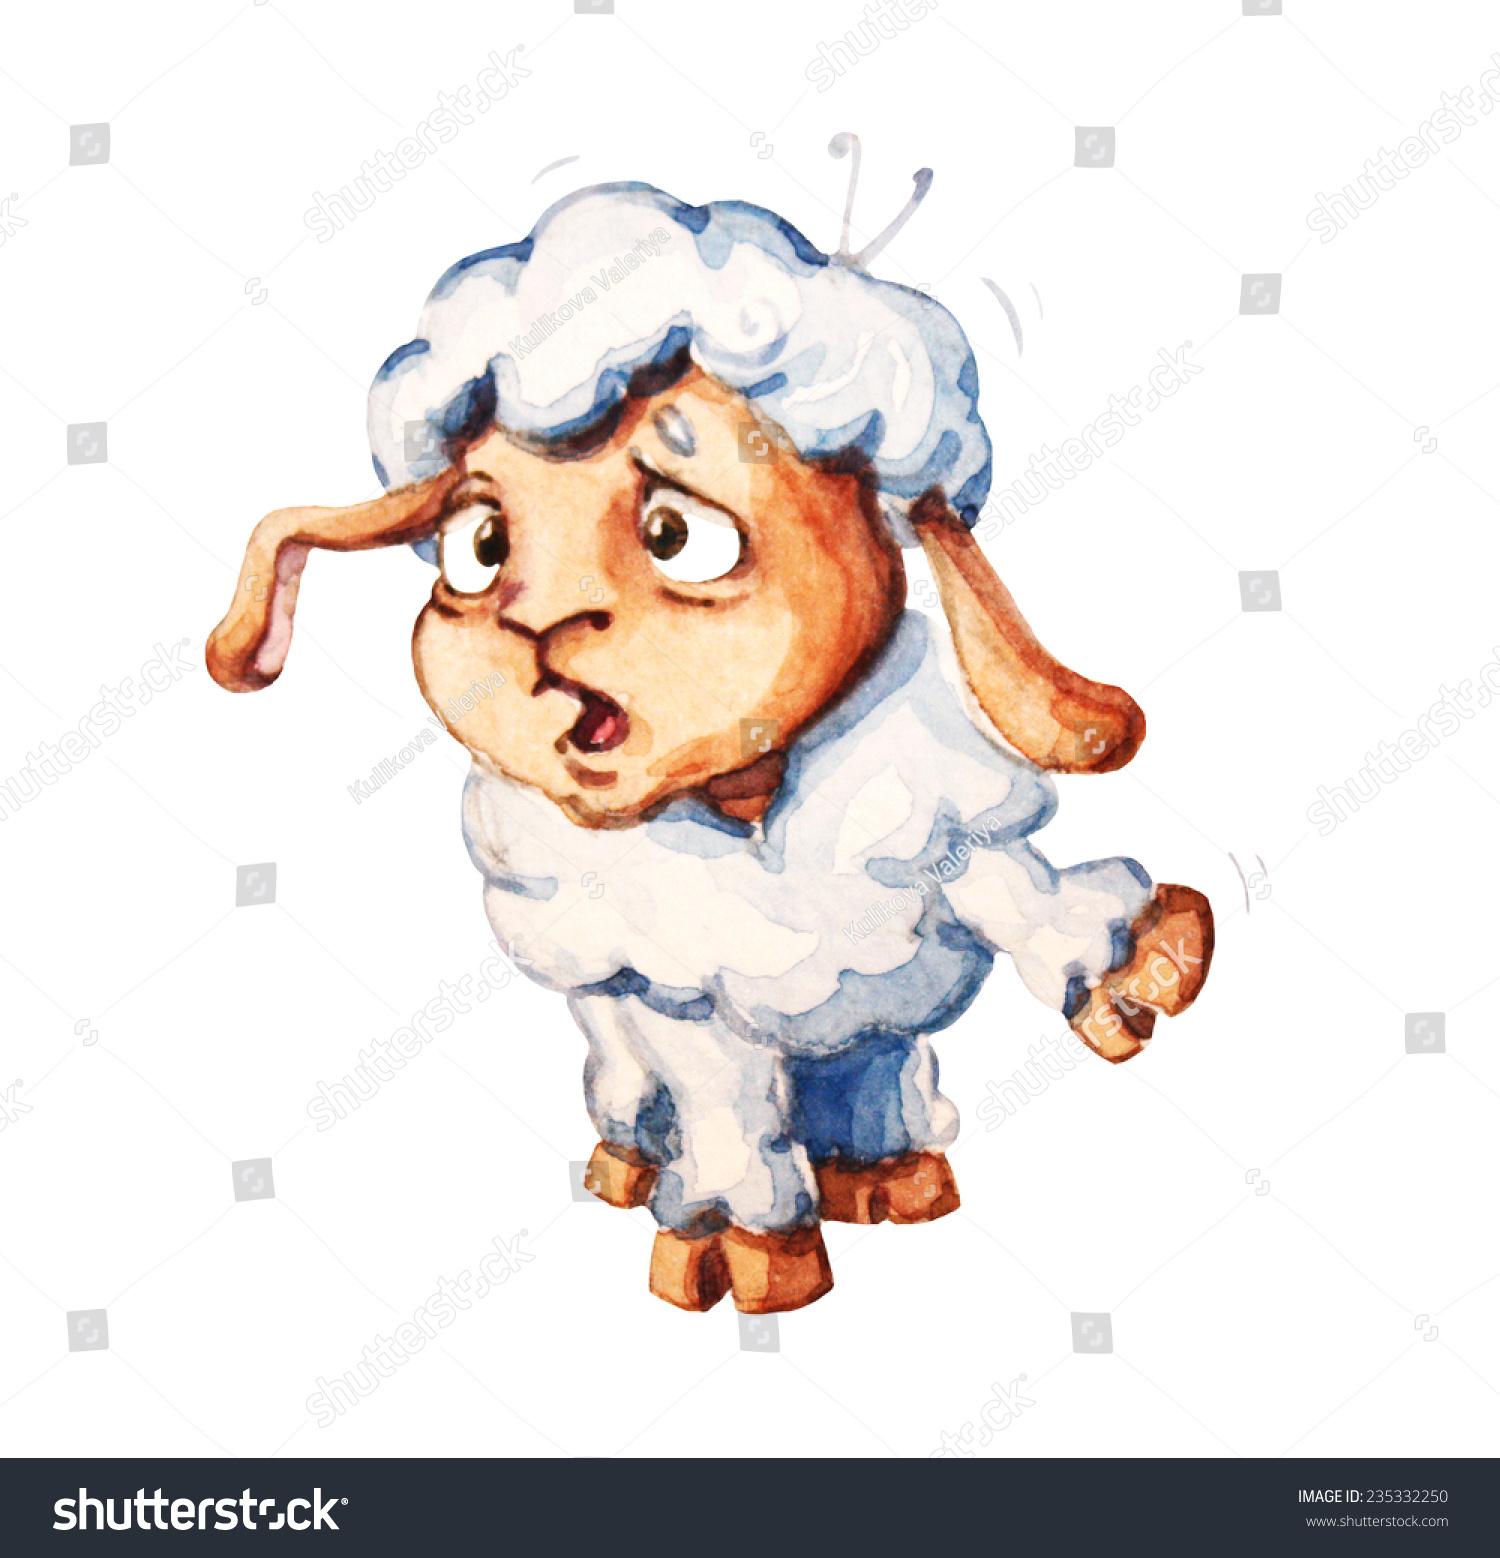 可爱的小羊羔的水彩插图-动物/野生生物